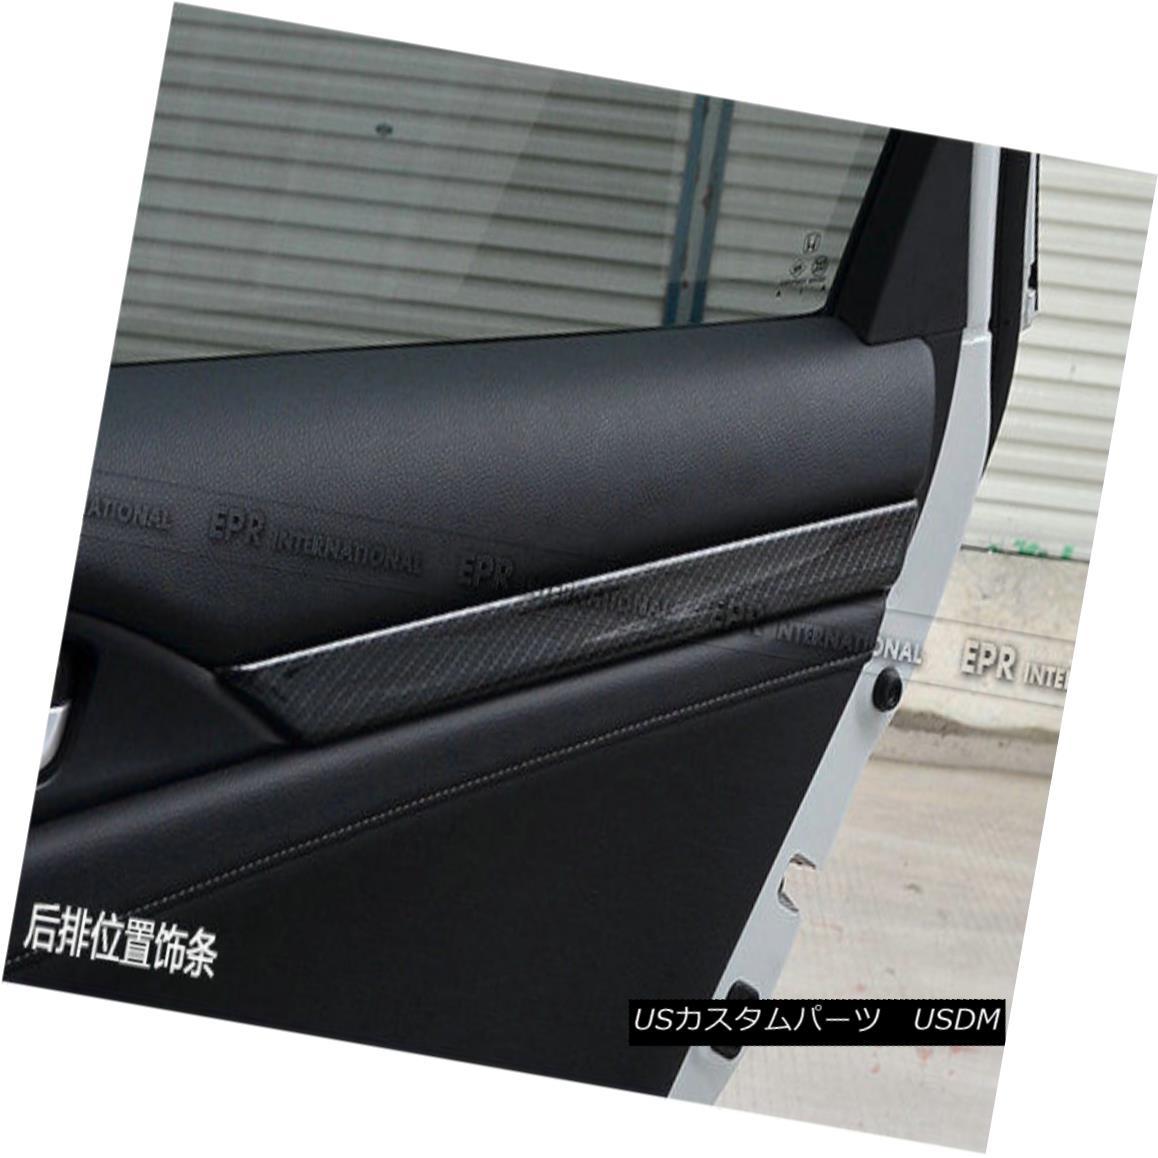 エアロパーツ For 10th Civic FC Carbon Inner Door Panel Trim 4Pcs Kit LHD (4Door Front & Rear) 第10回Civic FCカーボンインナードアパネルトリム4枚キットLHD(4Door Front& Rear)